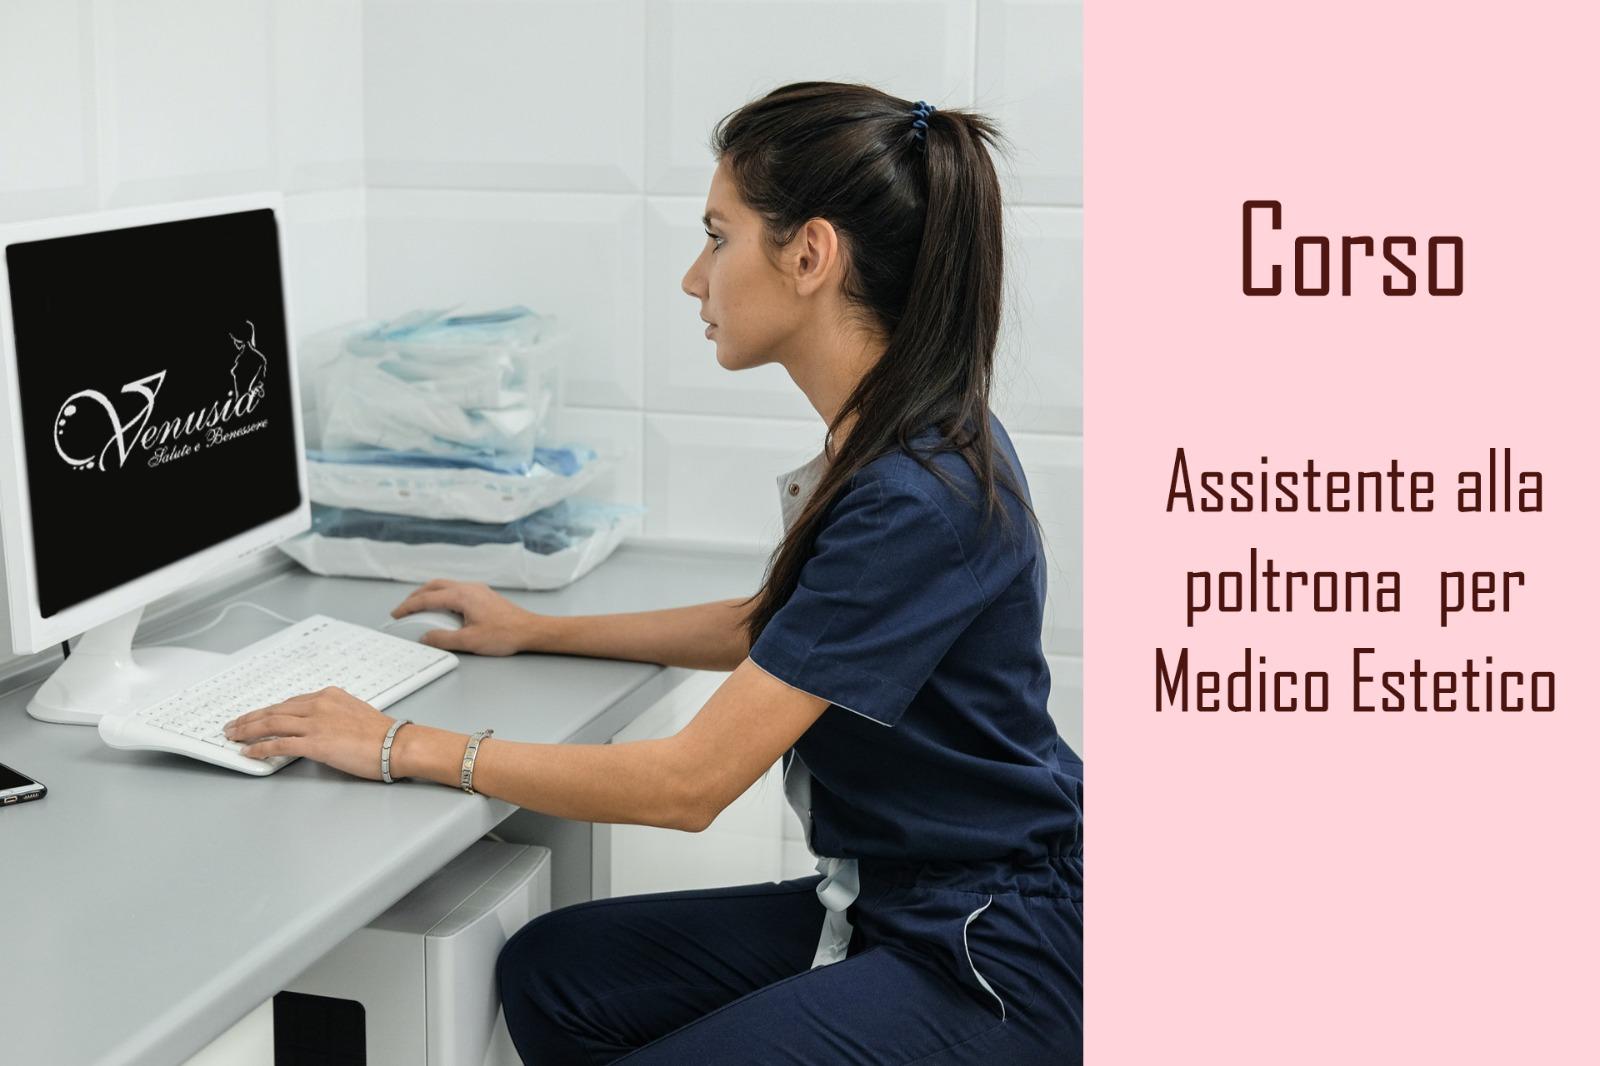 Assistente alla poltrona medico estetico